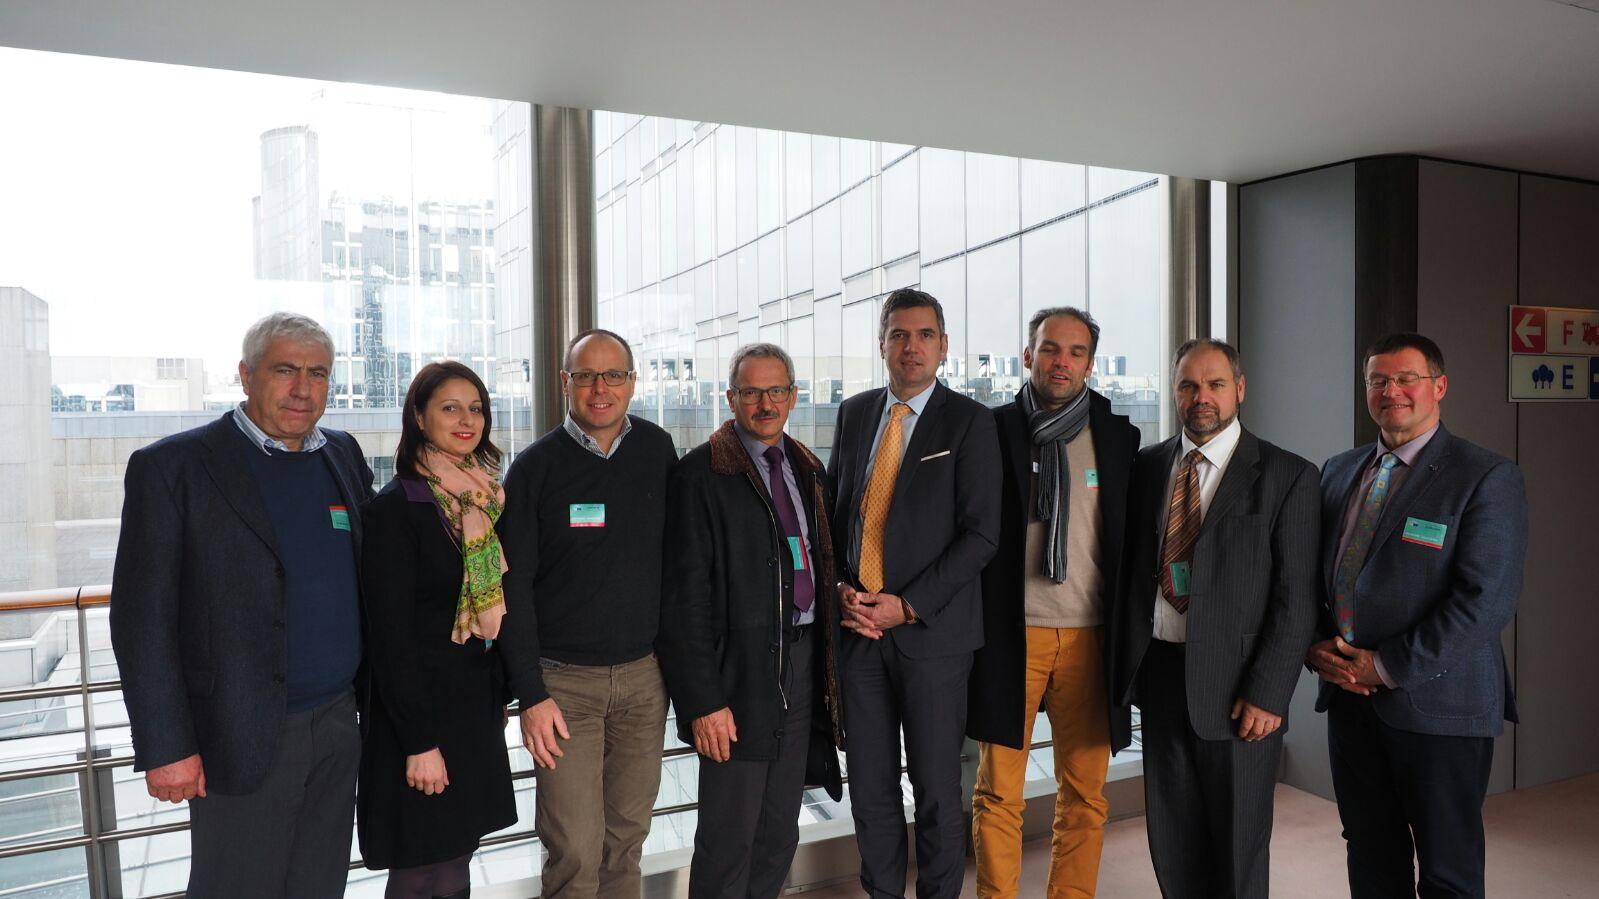 La delegazione dei camionisti lvh.apa a Bruxelles